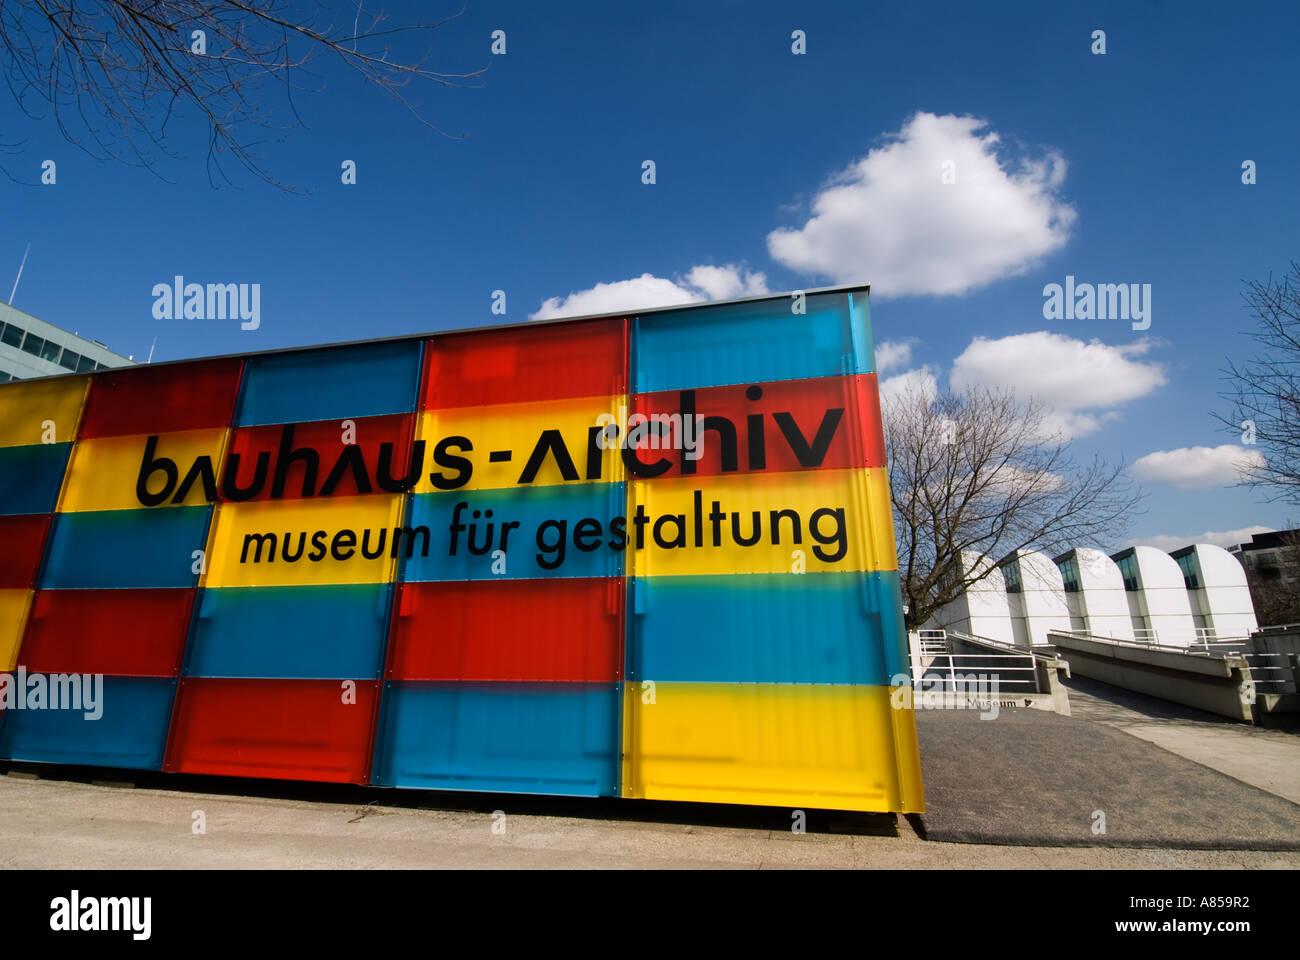 Ingresso Archivio Bauhaus Museum a Berlino Germania Immagini Stock